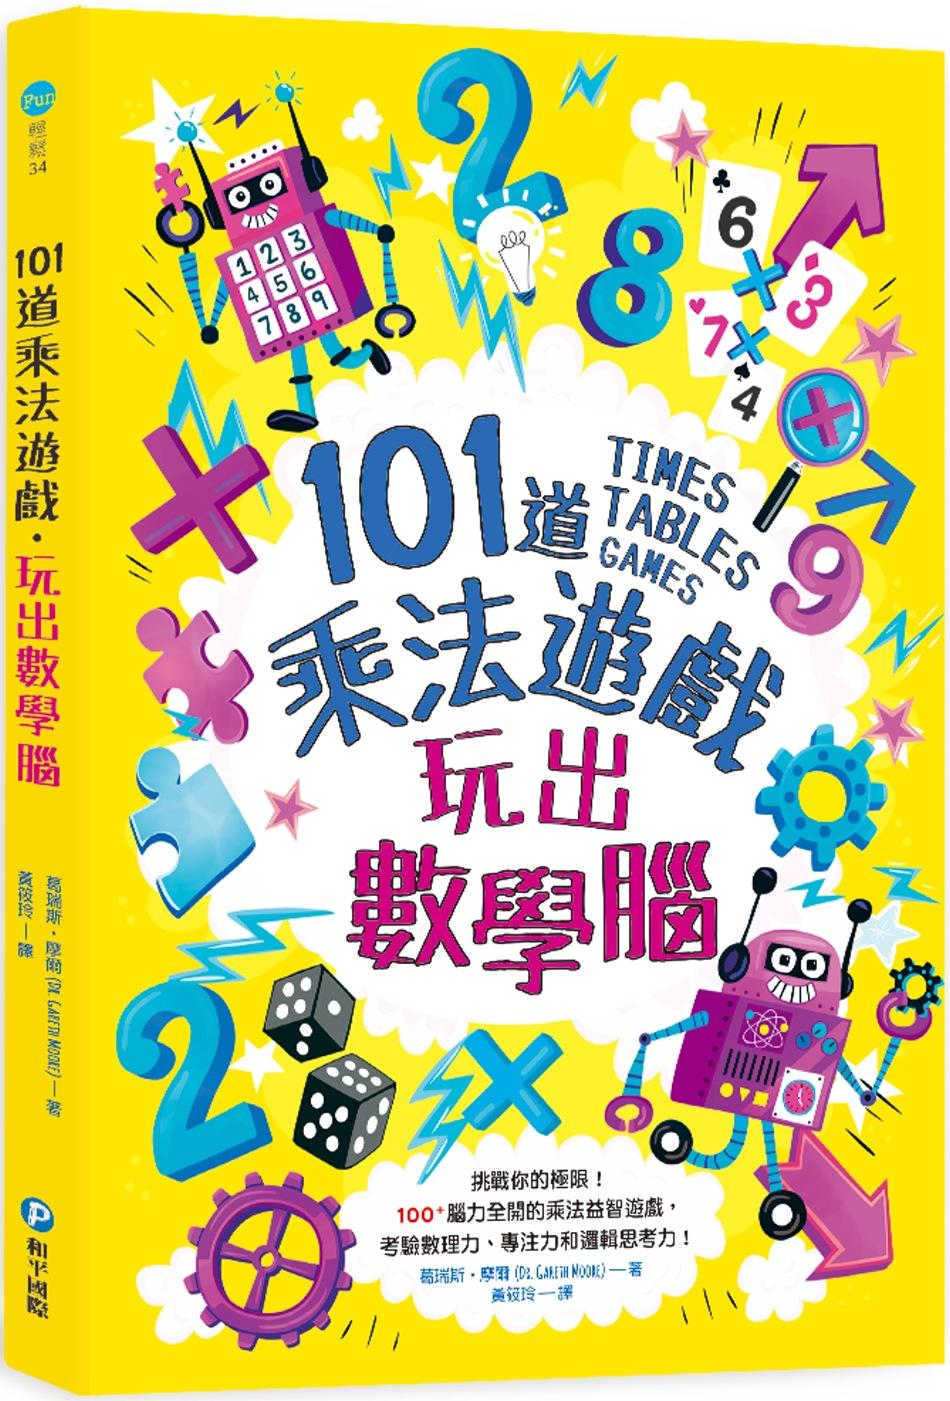 101道乘法遊戲‧玩出數學腦:挑戰你的極限!100+腦力全開的乘法益智遊戲,考驗數理力、專注力和邏輯思考力!